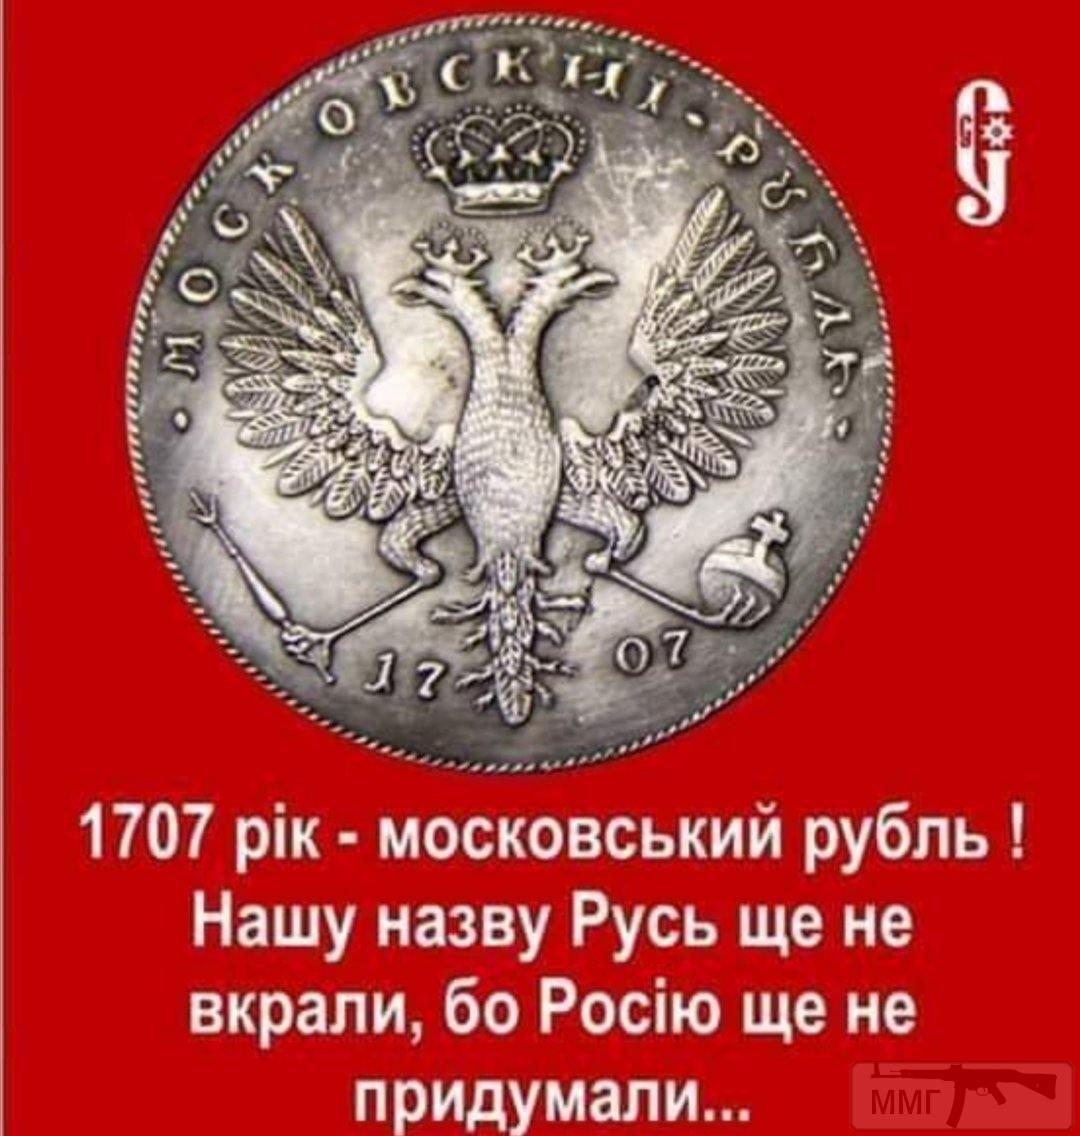 83870 - А в России чудеса!